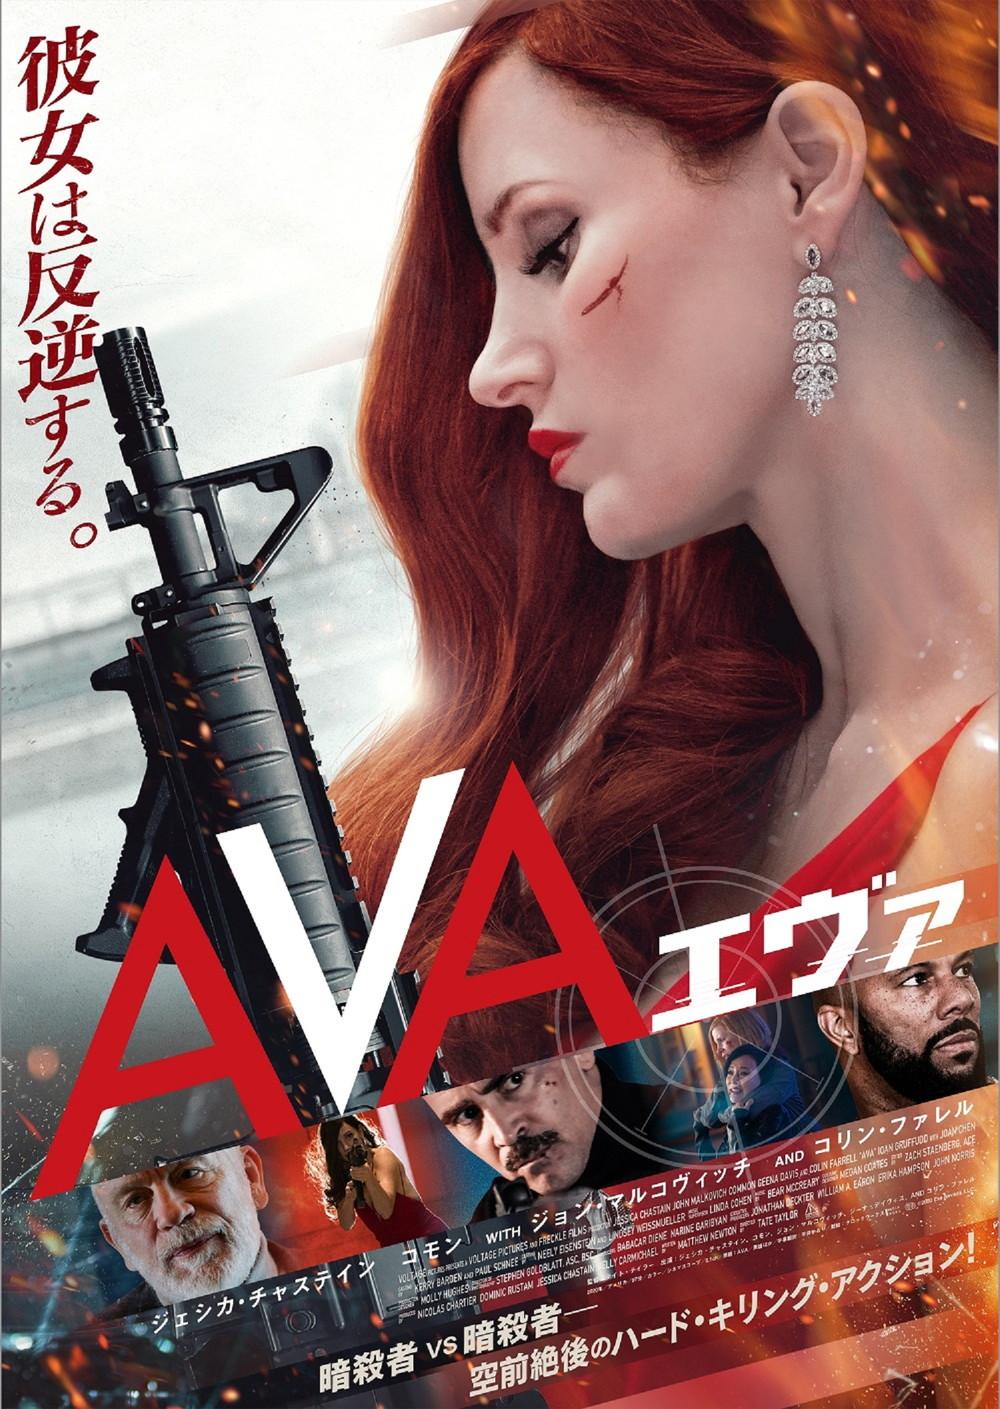 AVA/エヴァ_poster